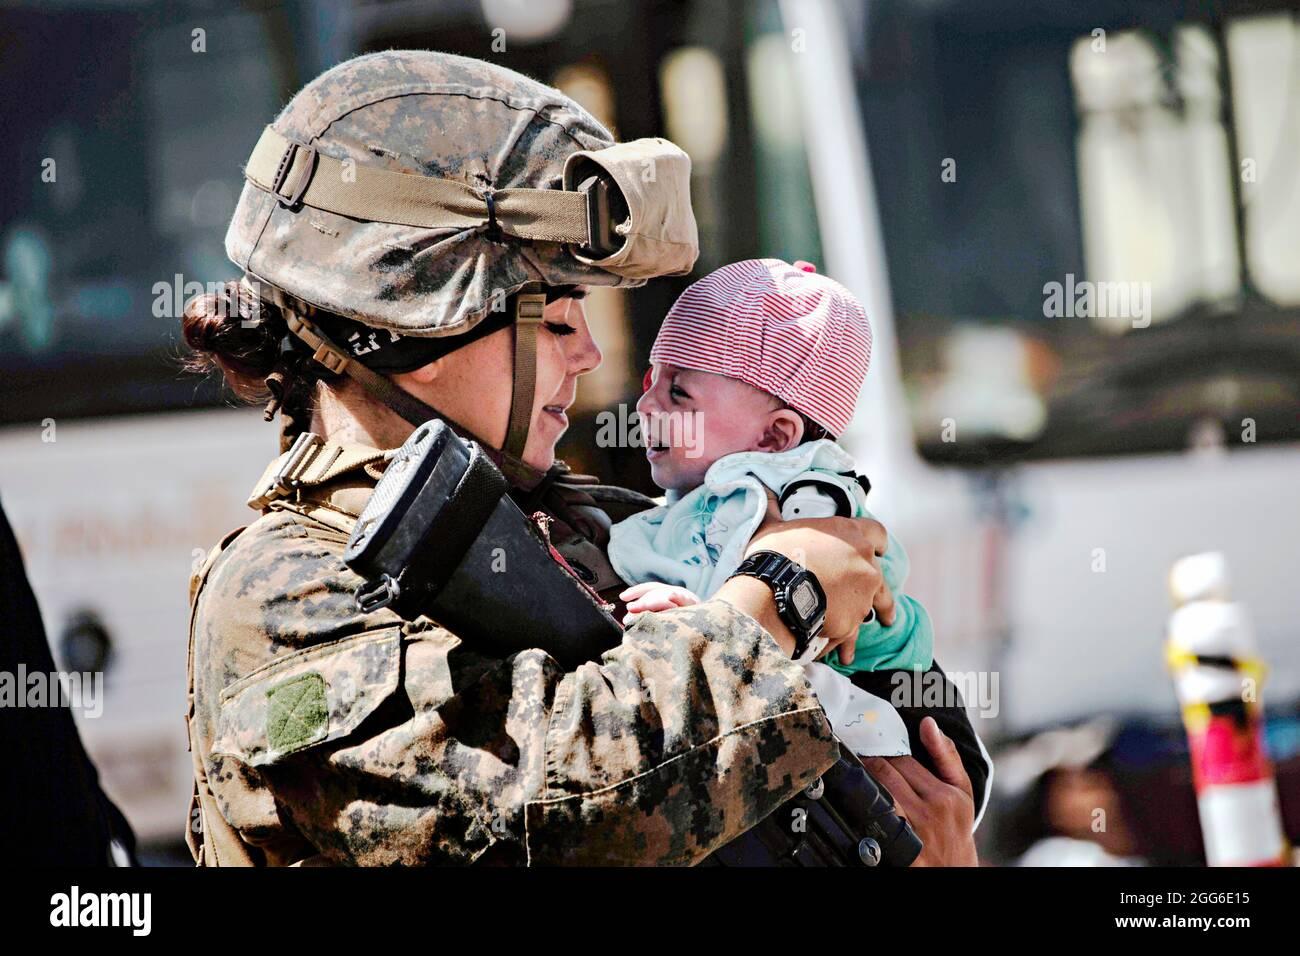 Kabul, Afghanistan. 28 agosto 2021. Una Marina degli Stati Uniti con la 24a unità di spedizione marittima calma un bambino in attesa di evacuazione presso l'aeroporto internazionale Hamid Karzai durante l'operazione Rifuge Allees 28 agosto 2021 a Kabul, Afghanistan. Credit: Planetpix/Alamy Live News Foto Stock